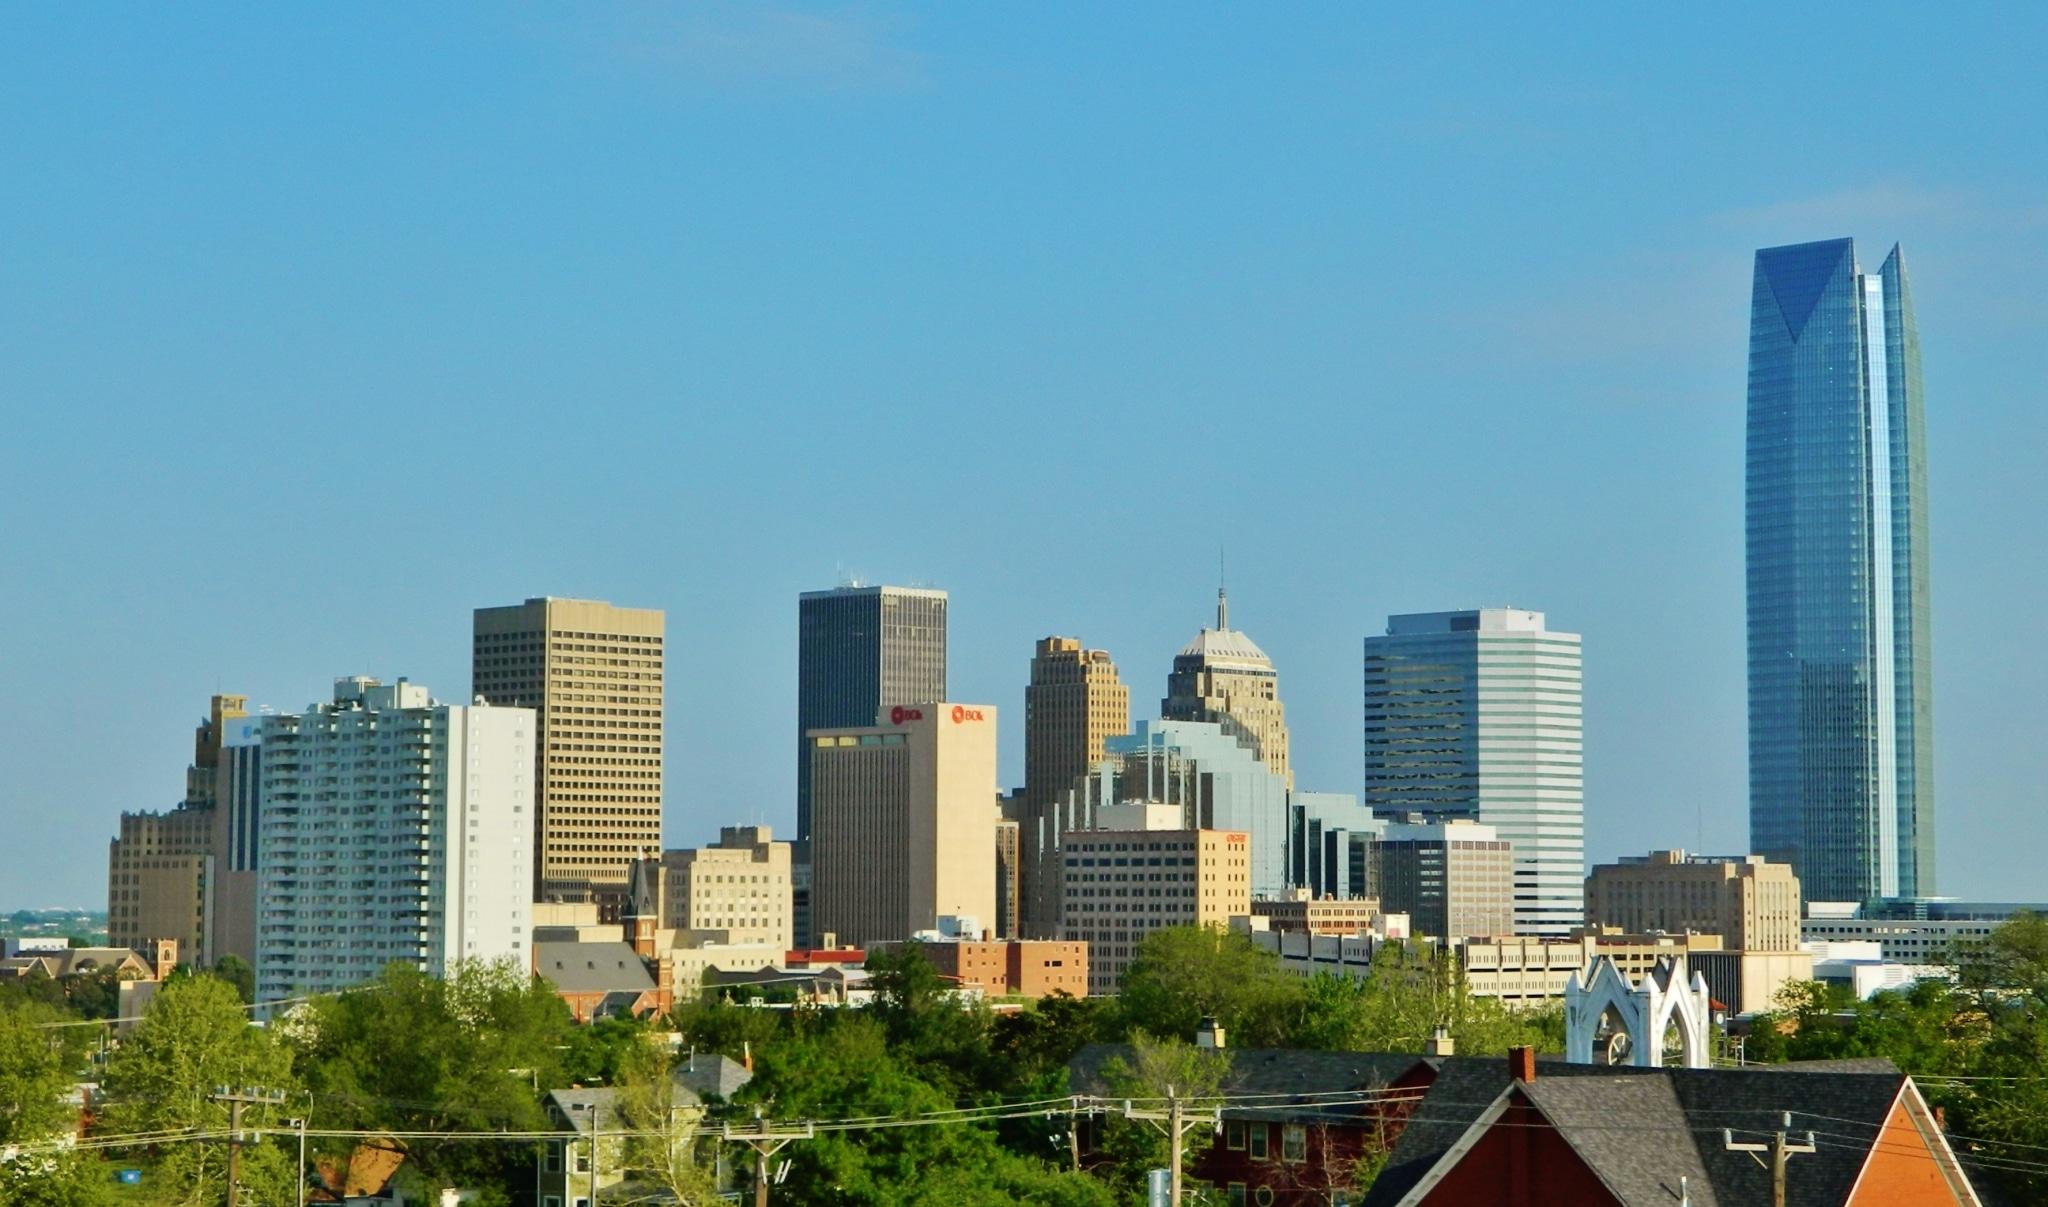 Downtown Oklahoma